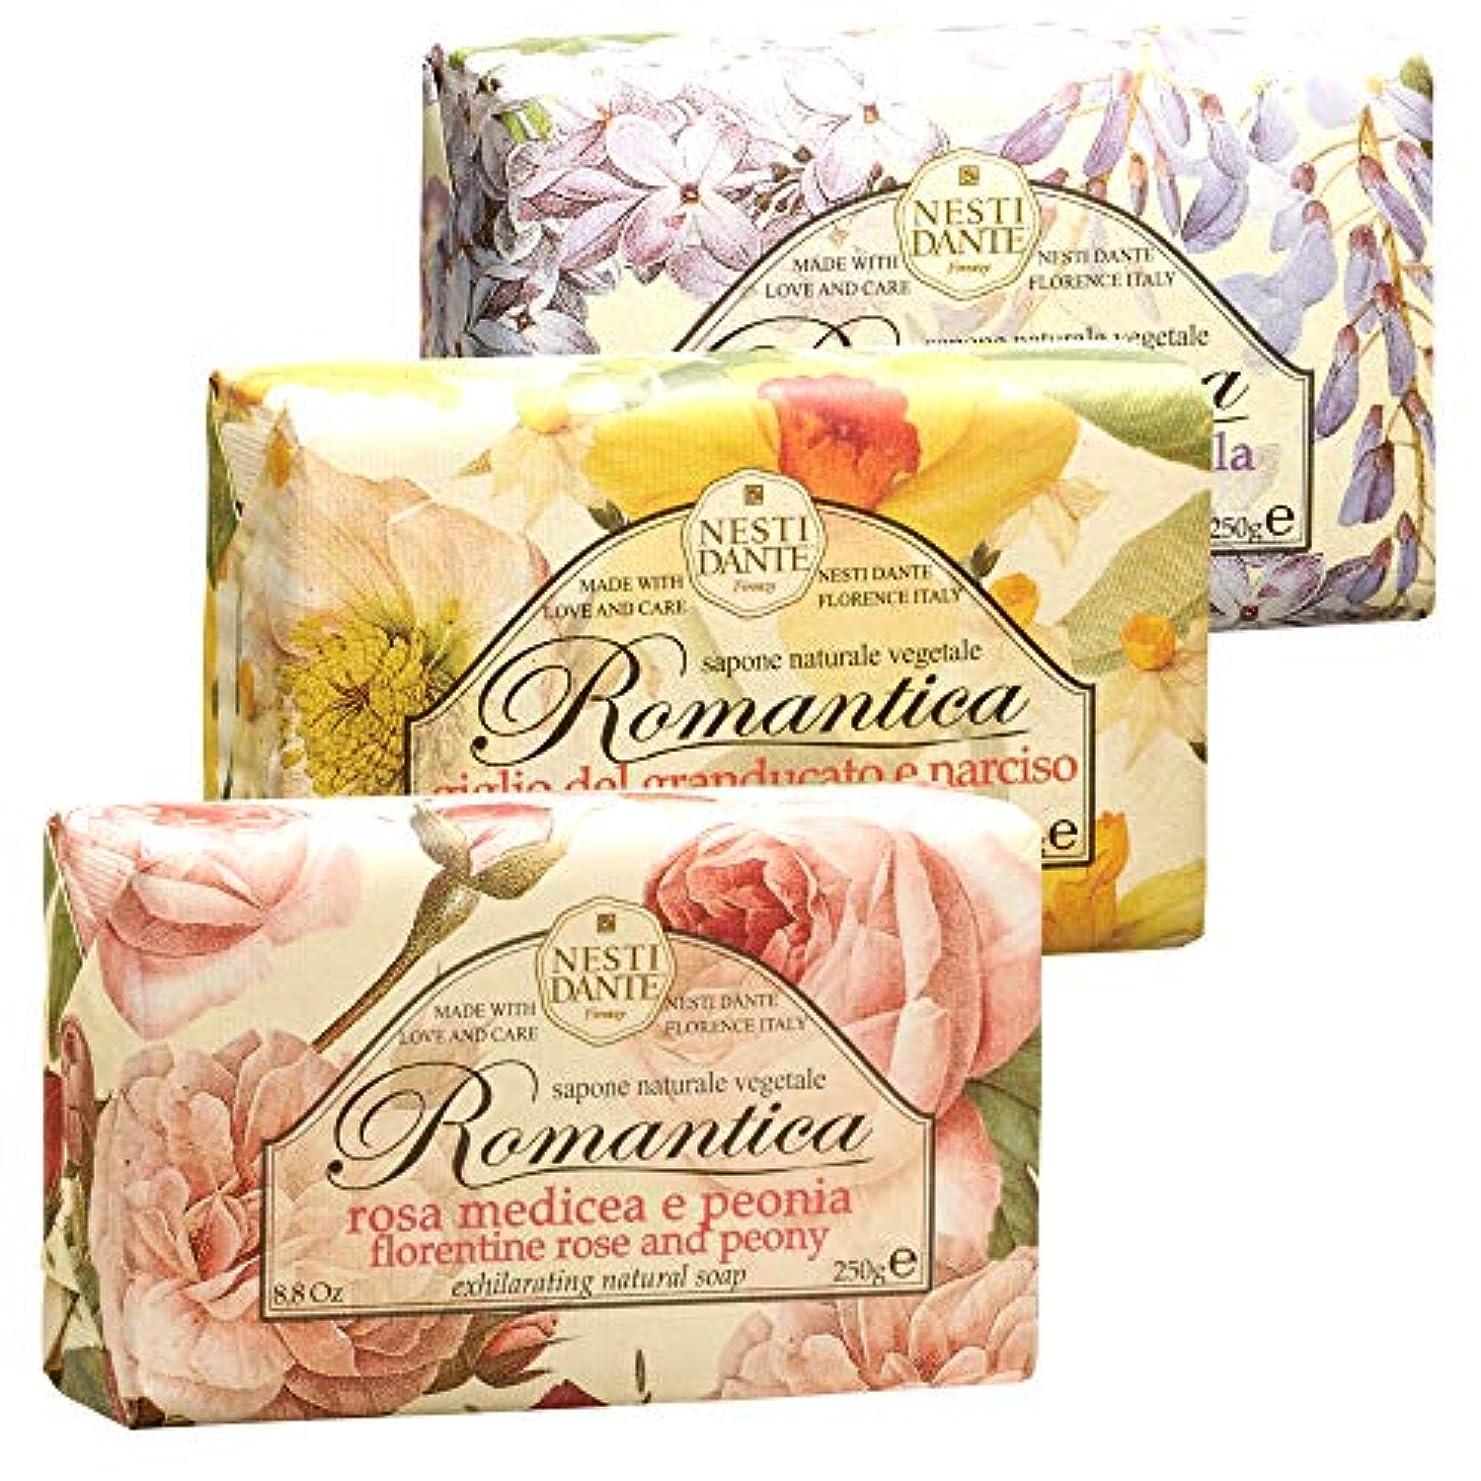 見つける巻き取りマニフェストイタリアお土産 ネスティ ロマンティカソープ 3種セット